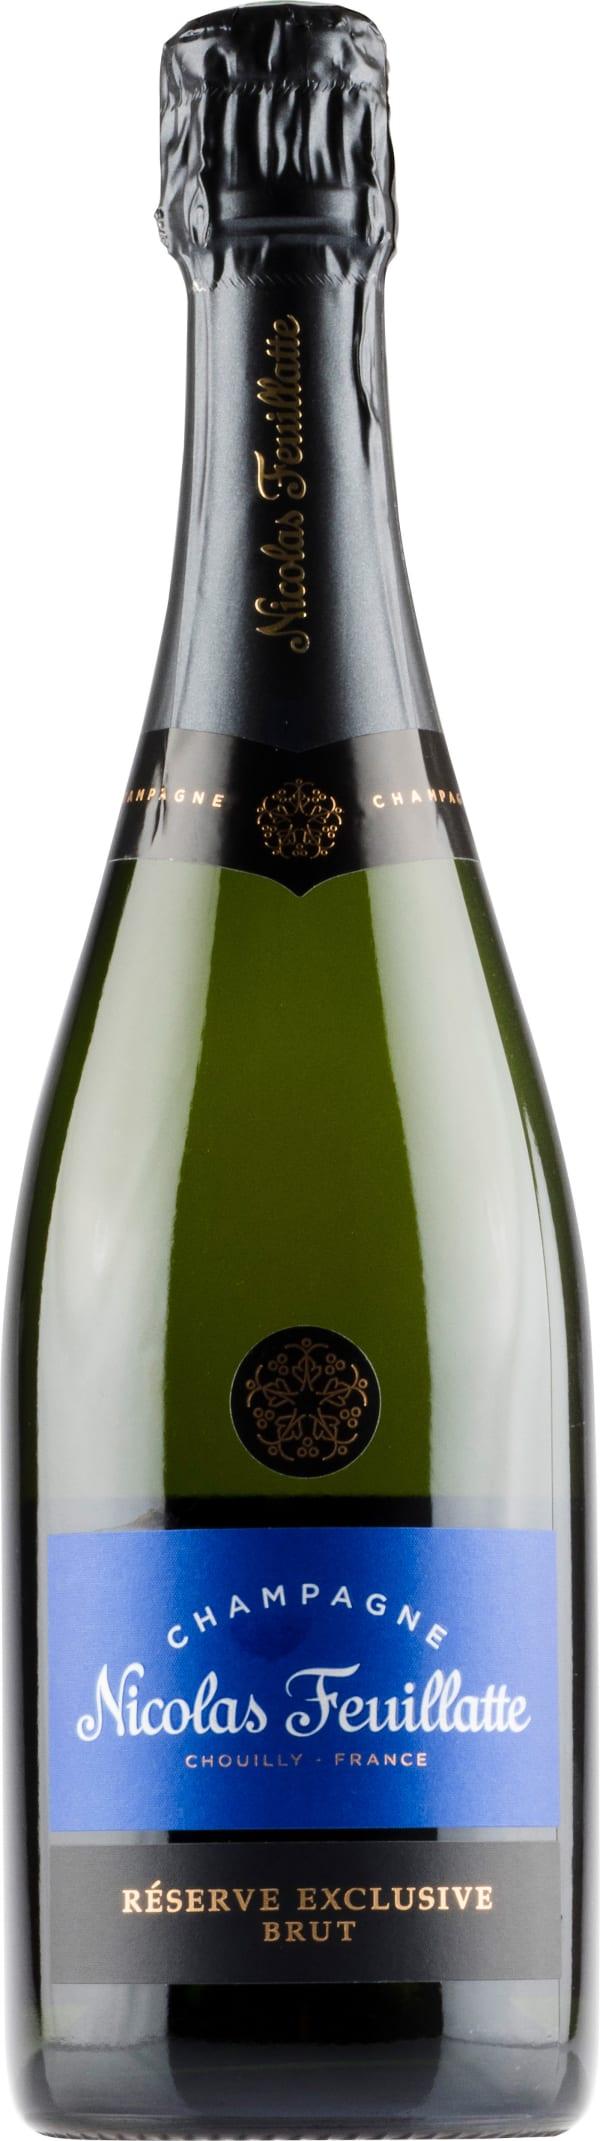 Nicolas Feuillatte Réserve Exclusive Champagne Brut